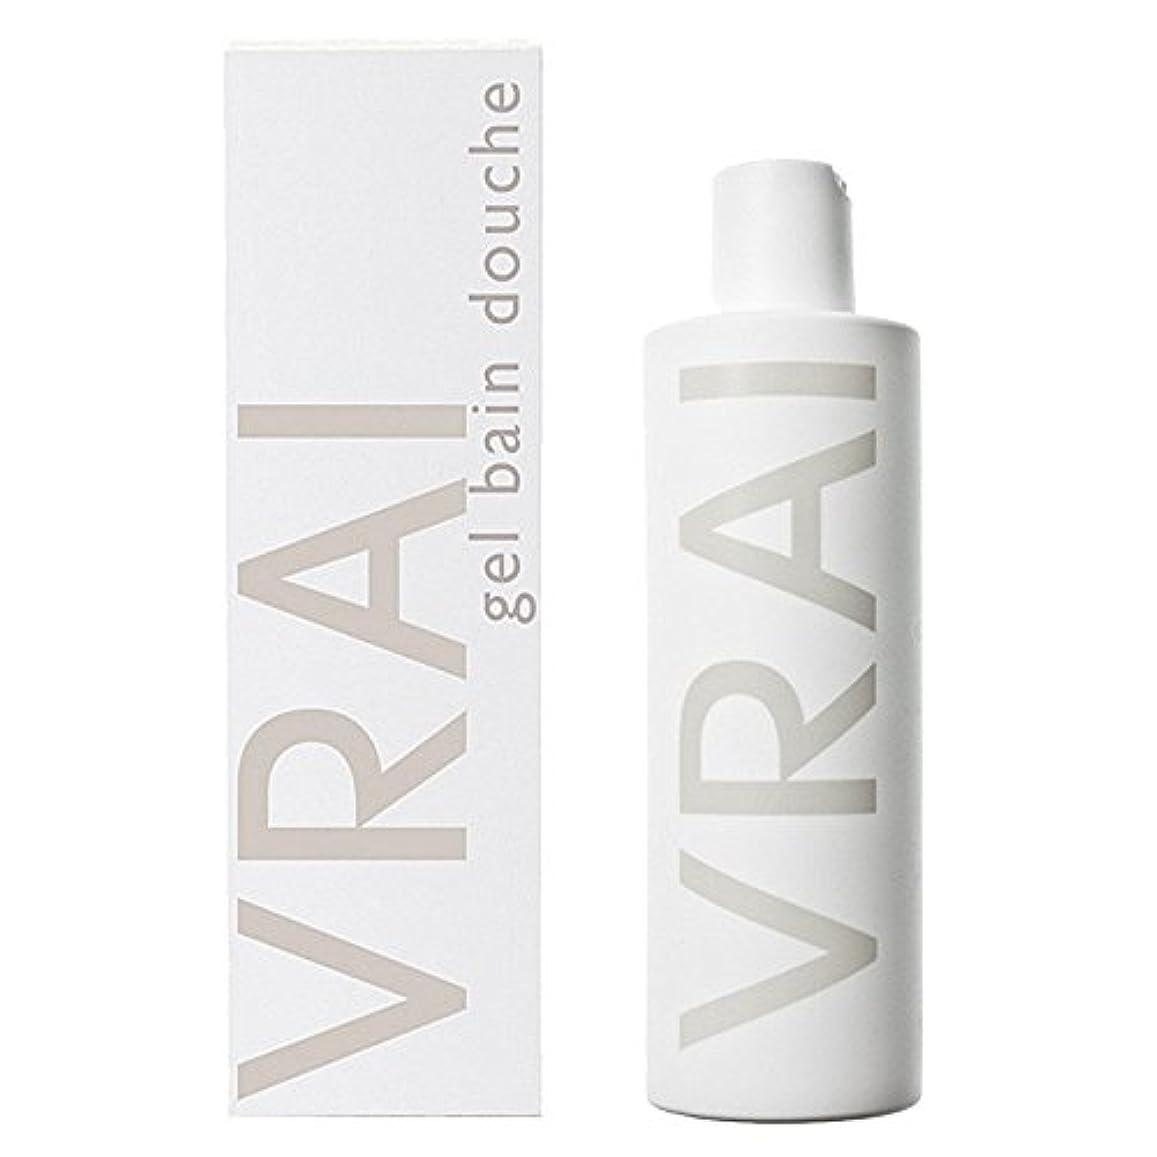 威信ダルセットルーFragonard VRAI (フラゴナール ブライ) 8.3 oz (250ml) Bath & Shower Gel